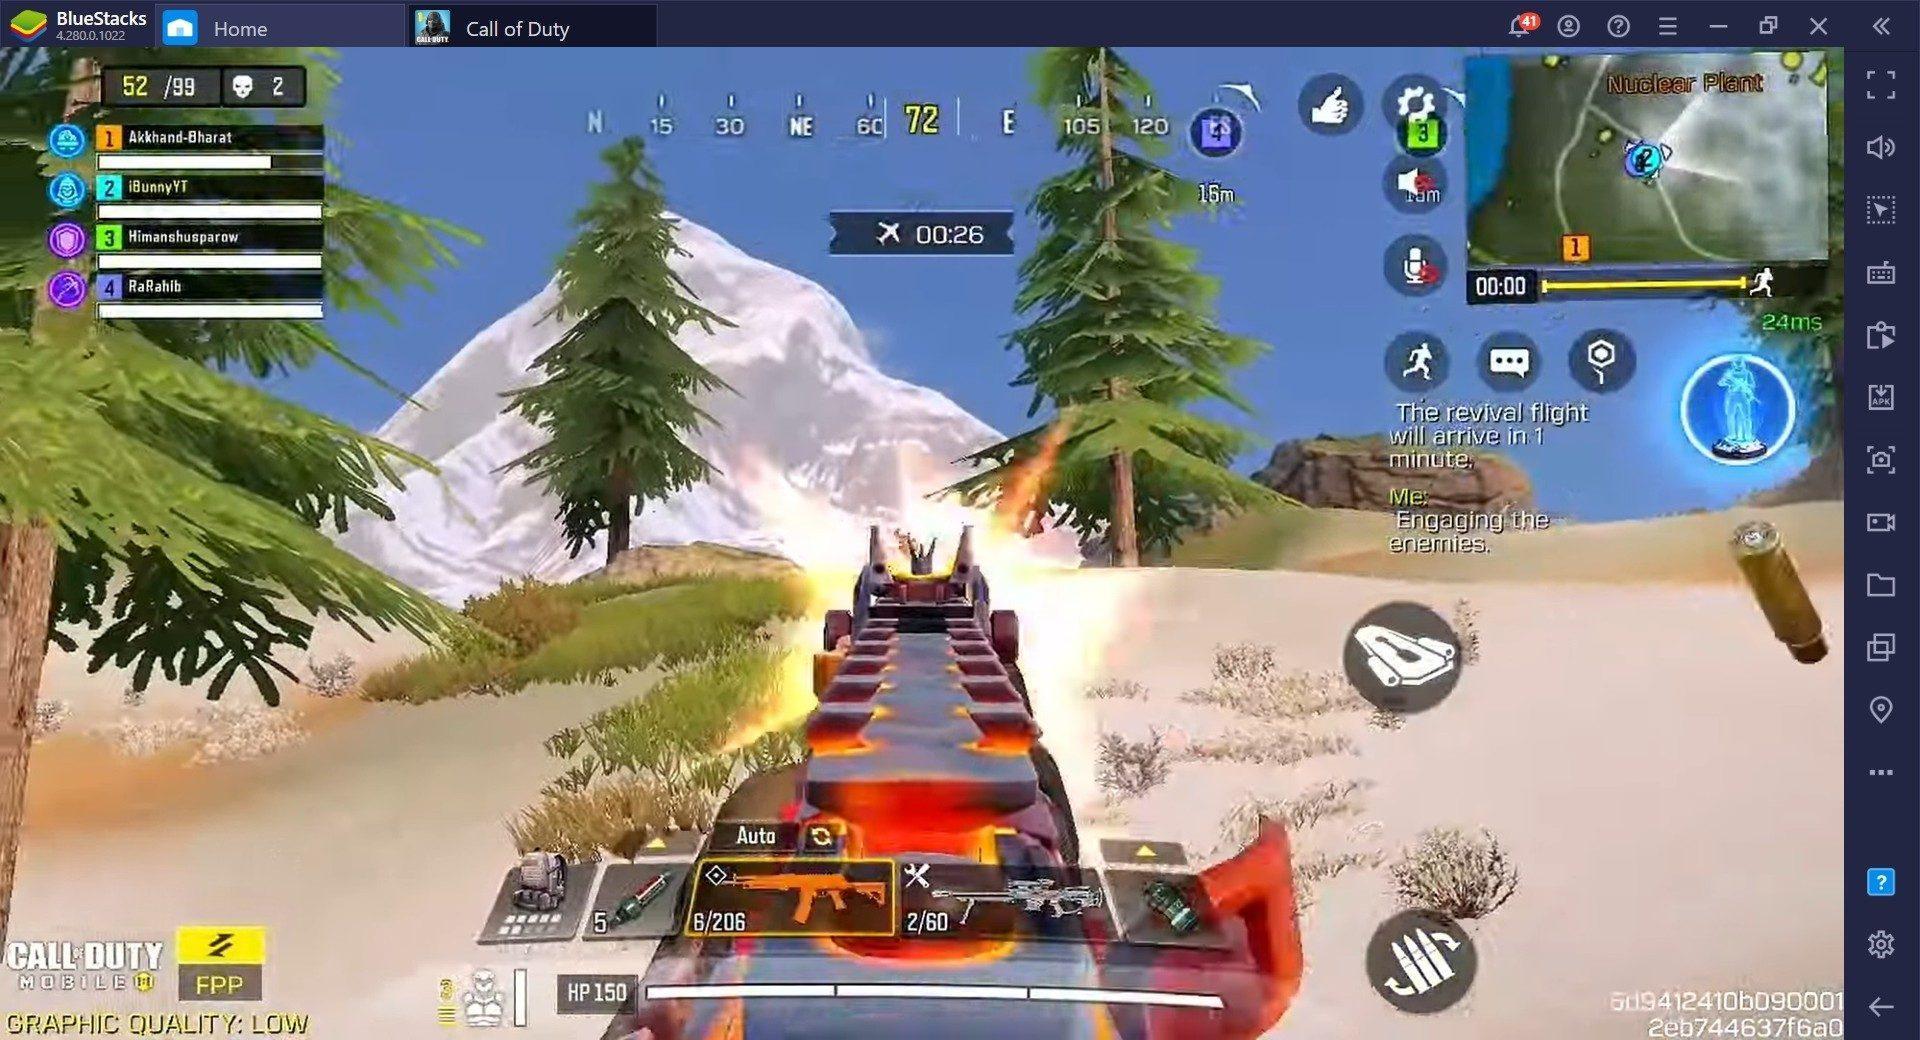 دليل Call of Duty Mobile لميزات الأسلحة، شرح أفضل ميزات الأسلحة مع  نصائح للمعارك الضخمة